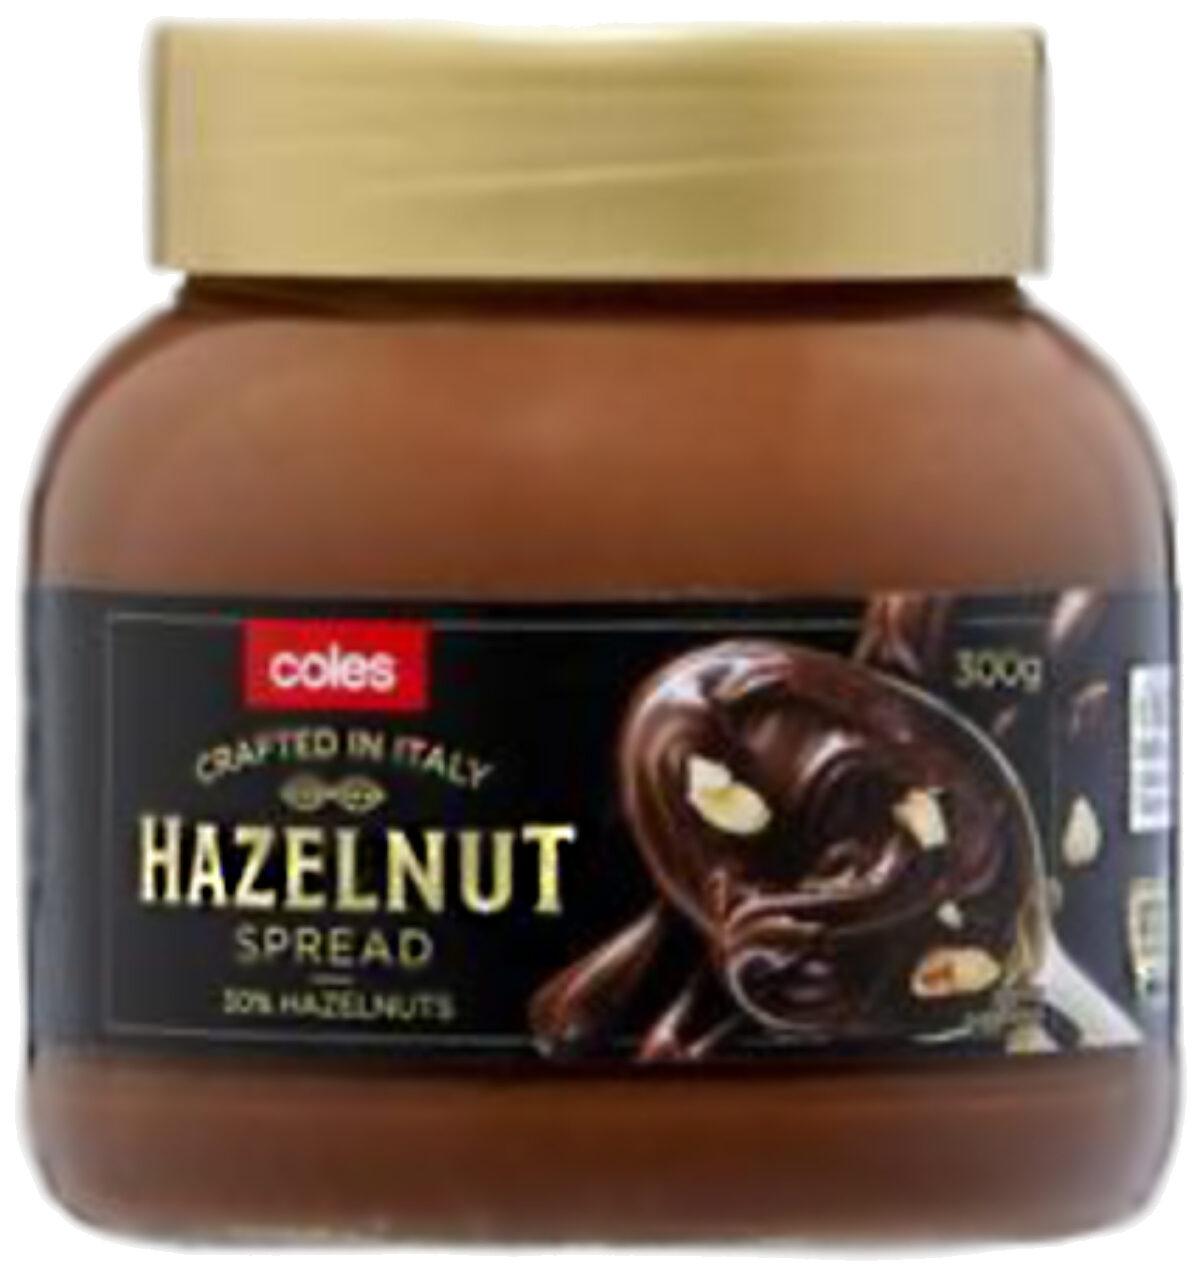 Hazelnut Spread - Product - en